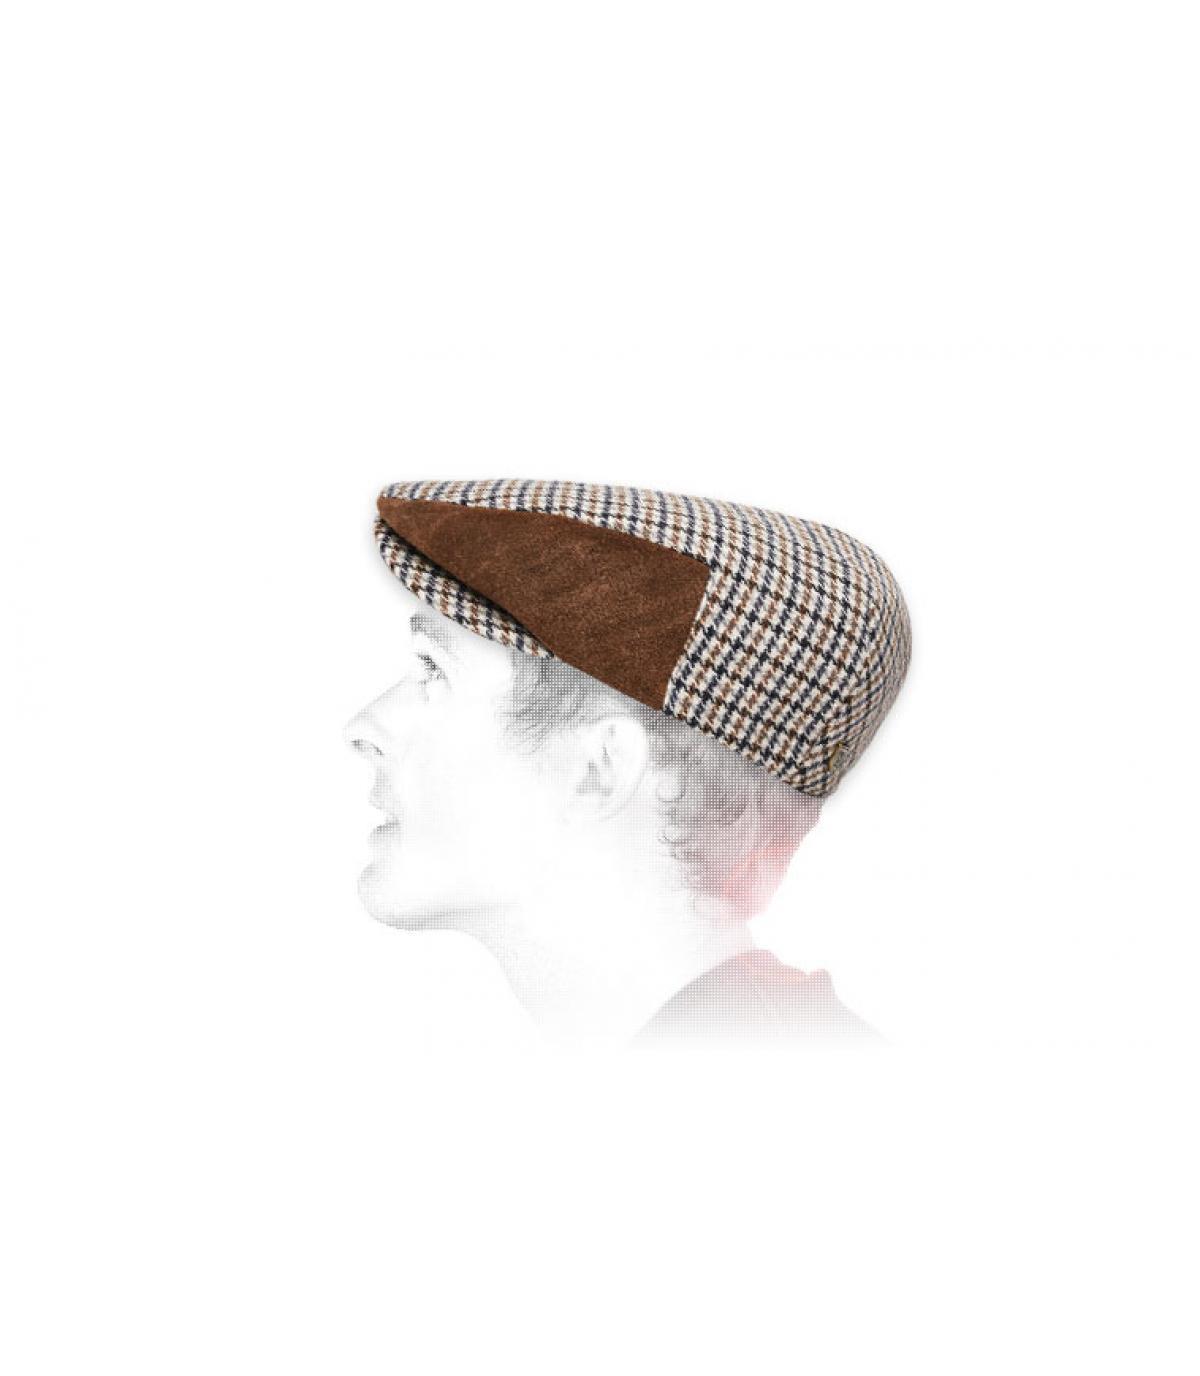 pelle scamosciata berretto pied-de-poule